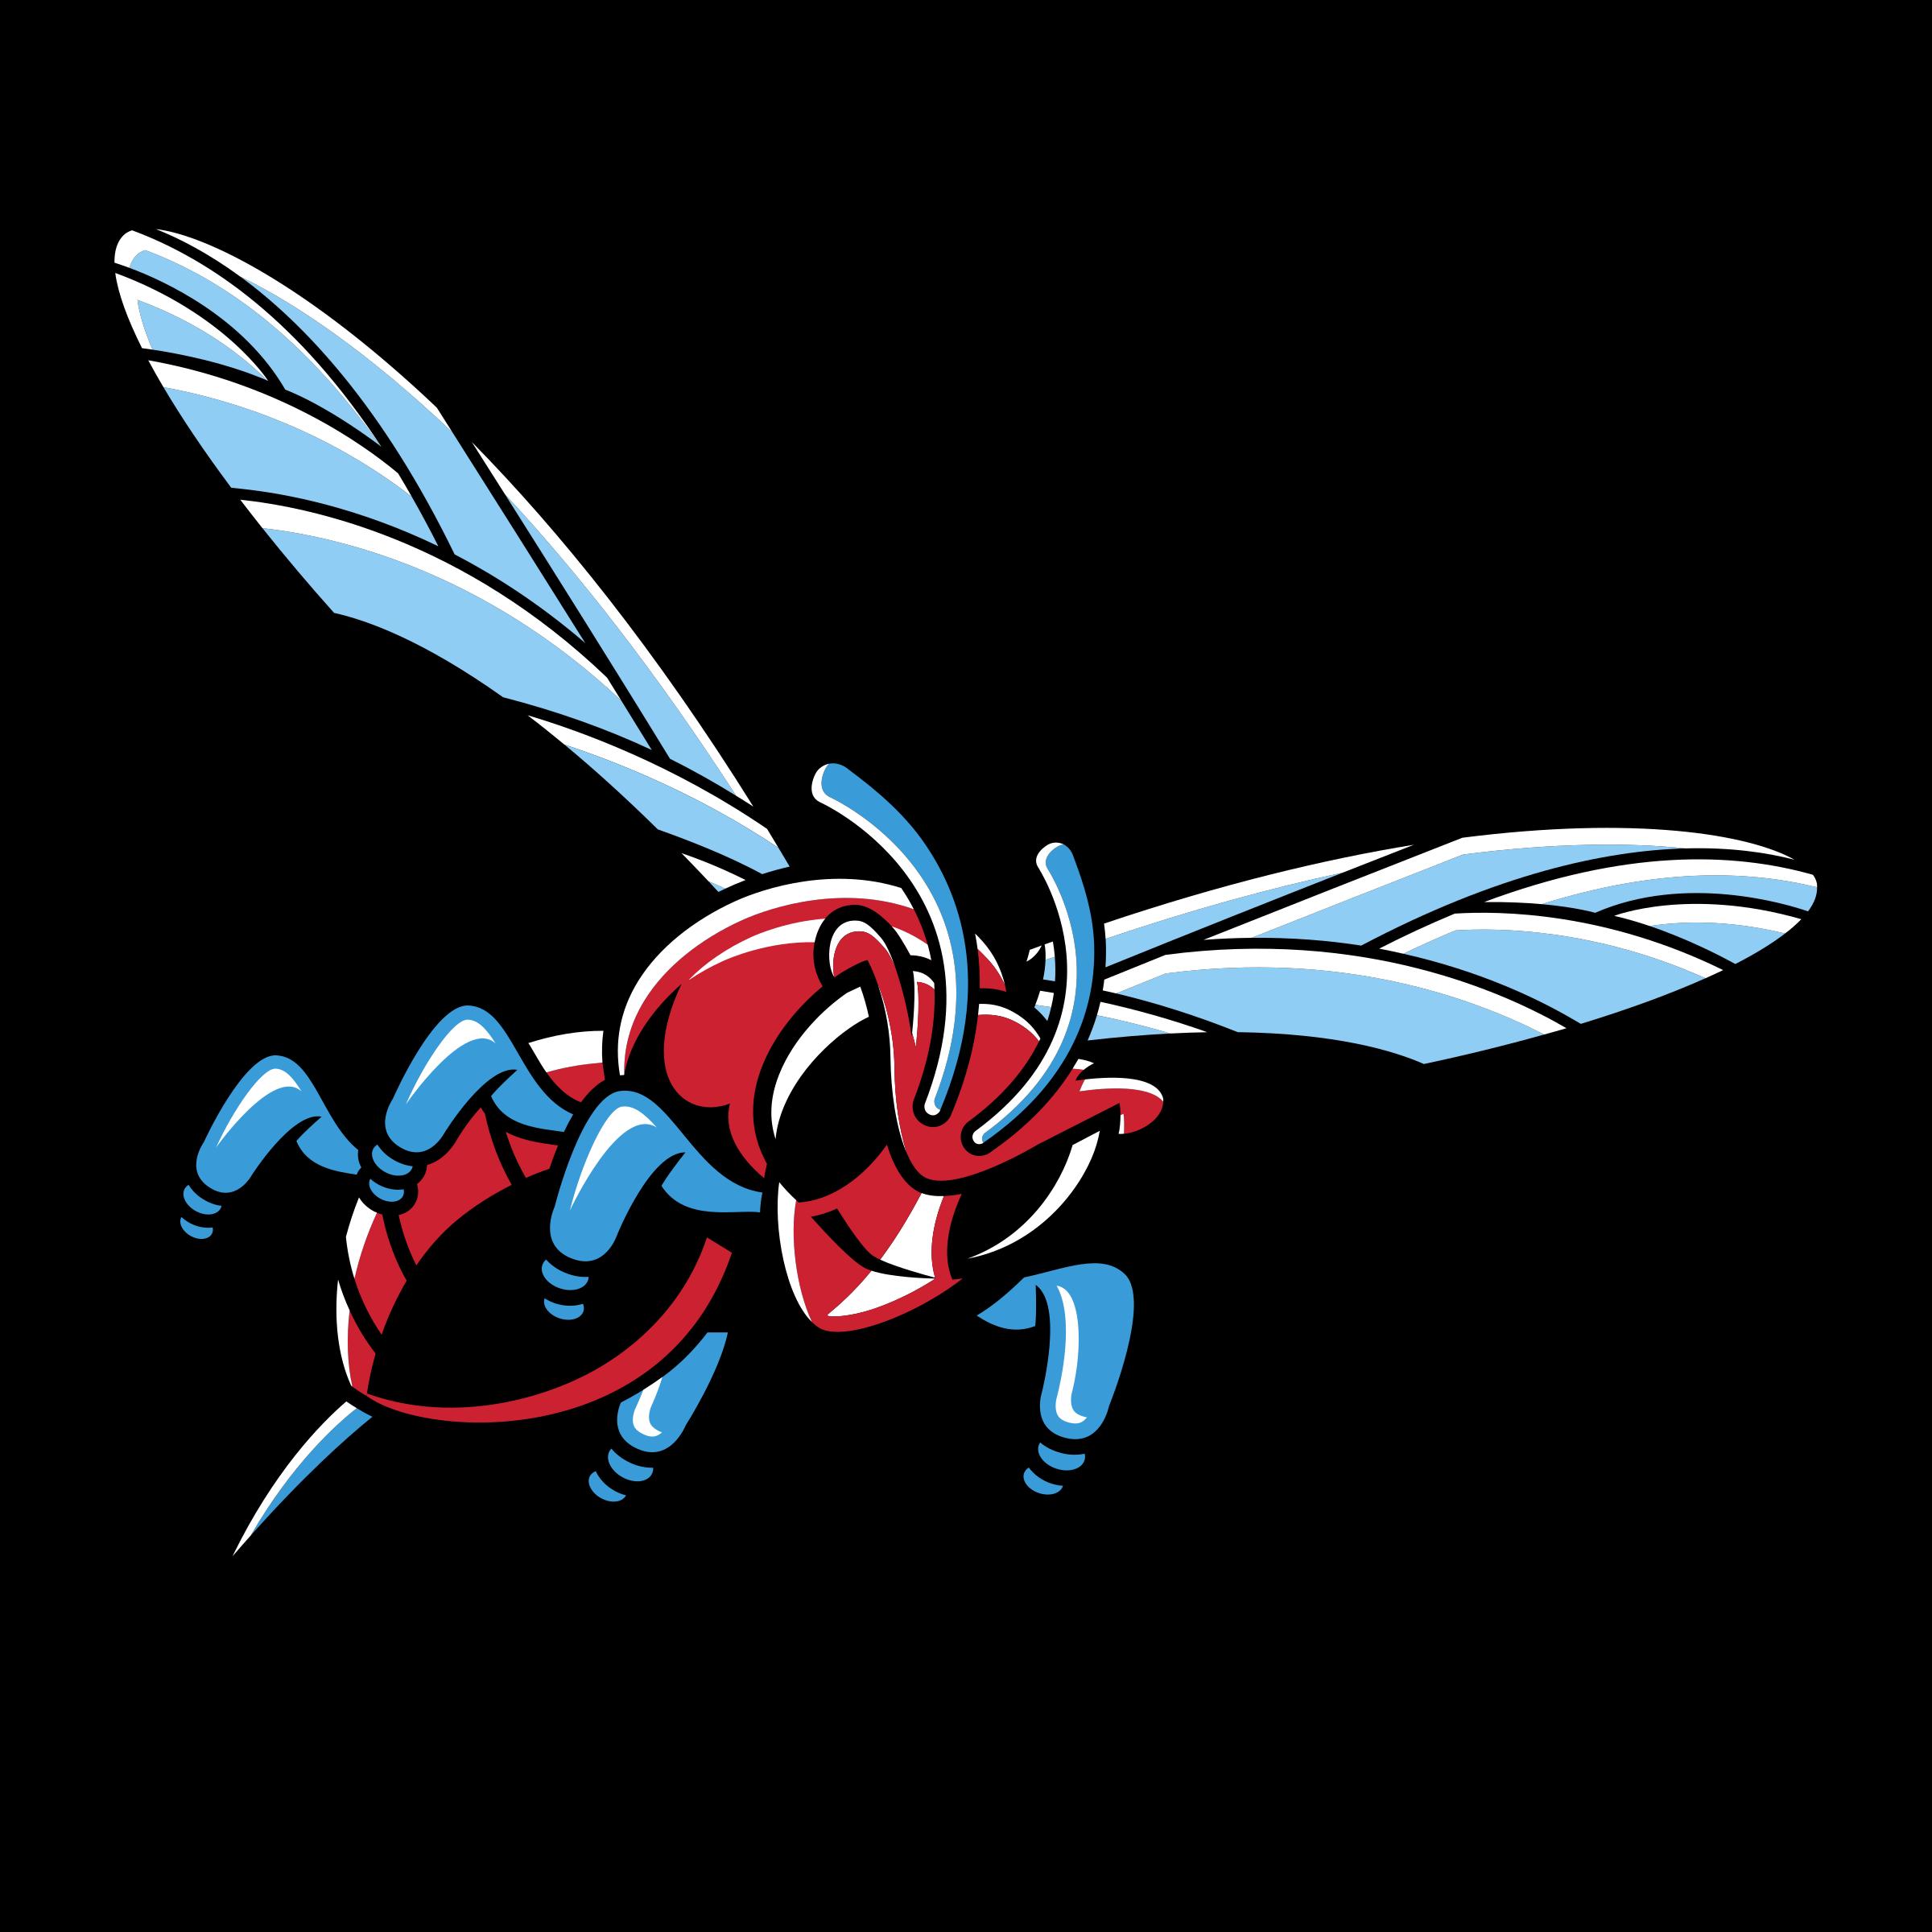 Hornet clipart svg. Delaware state hornets logo